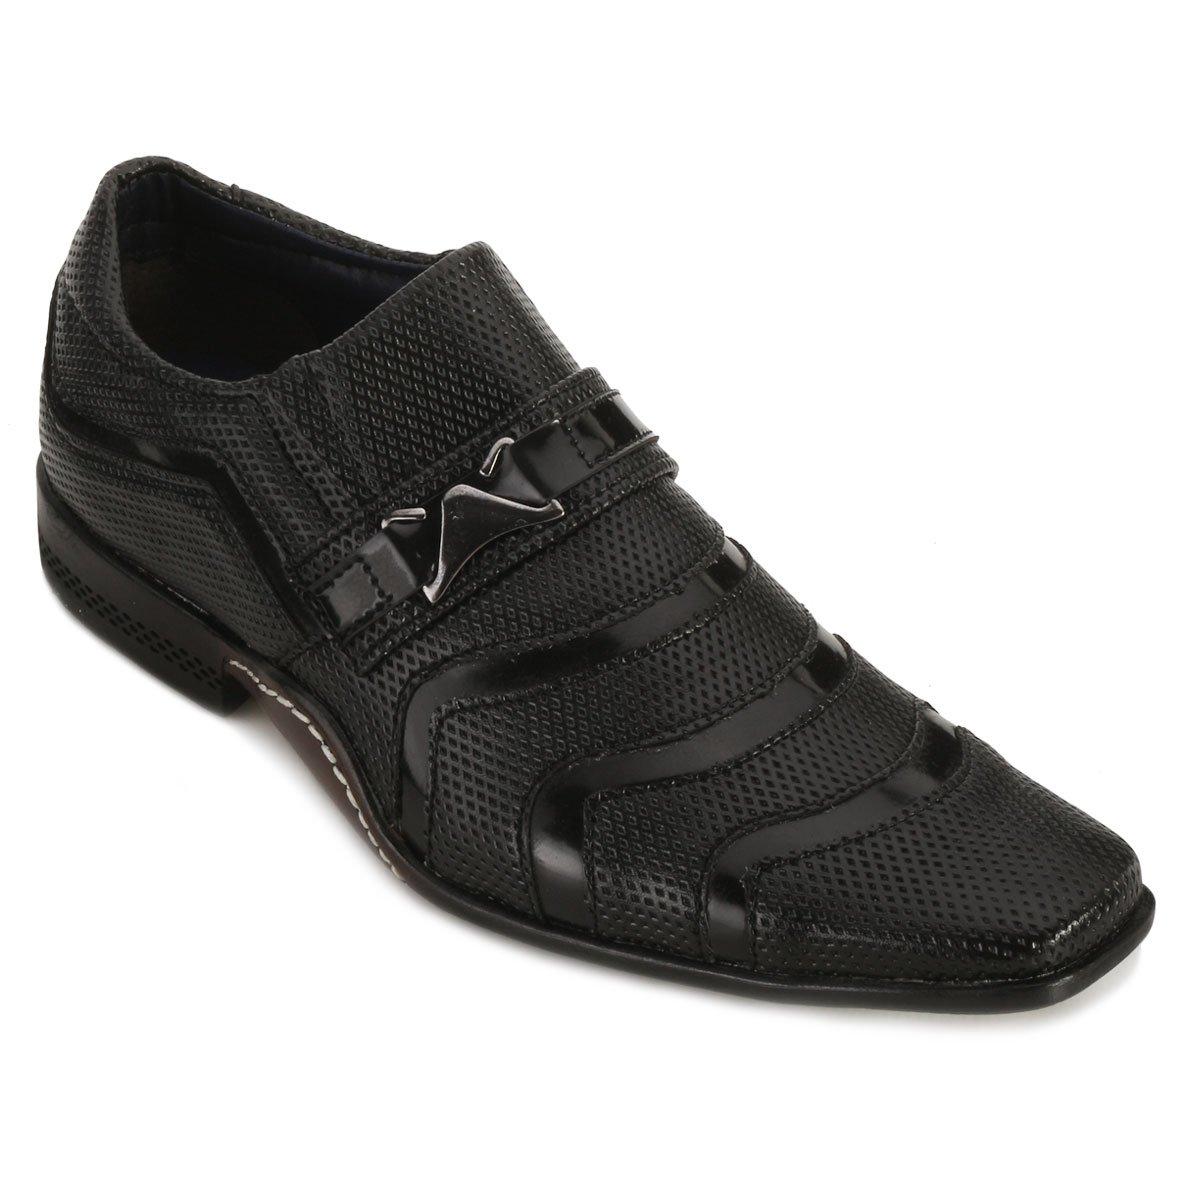 masculino casual Tratos Tratos Preto masculino casual Preto Sapato Sapato Sapato qxa0YF8wA